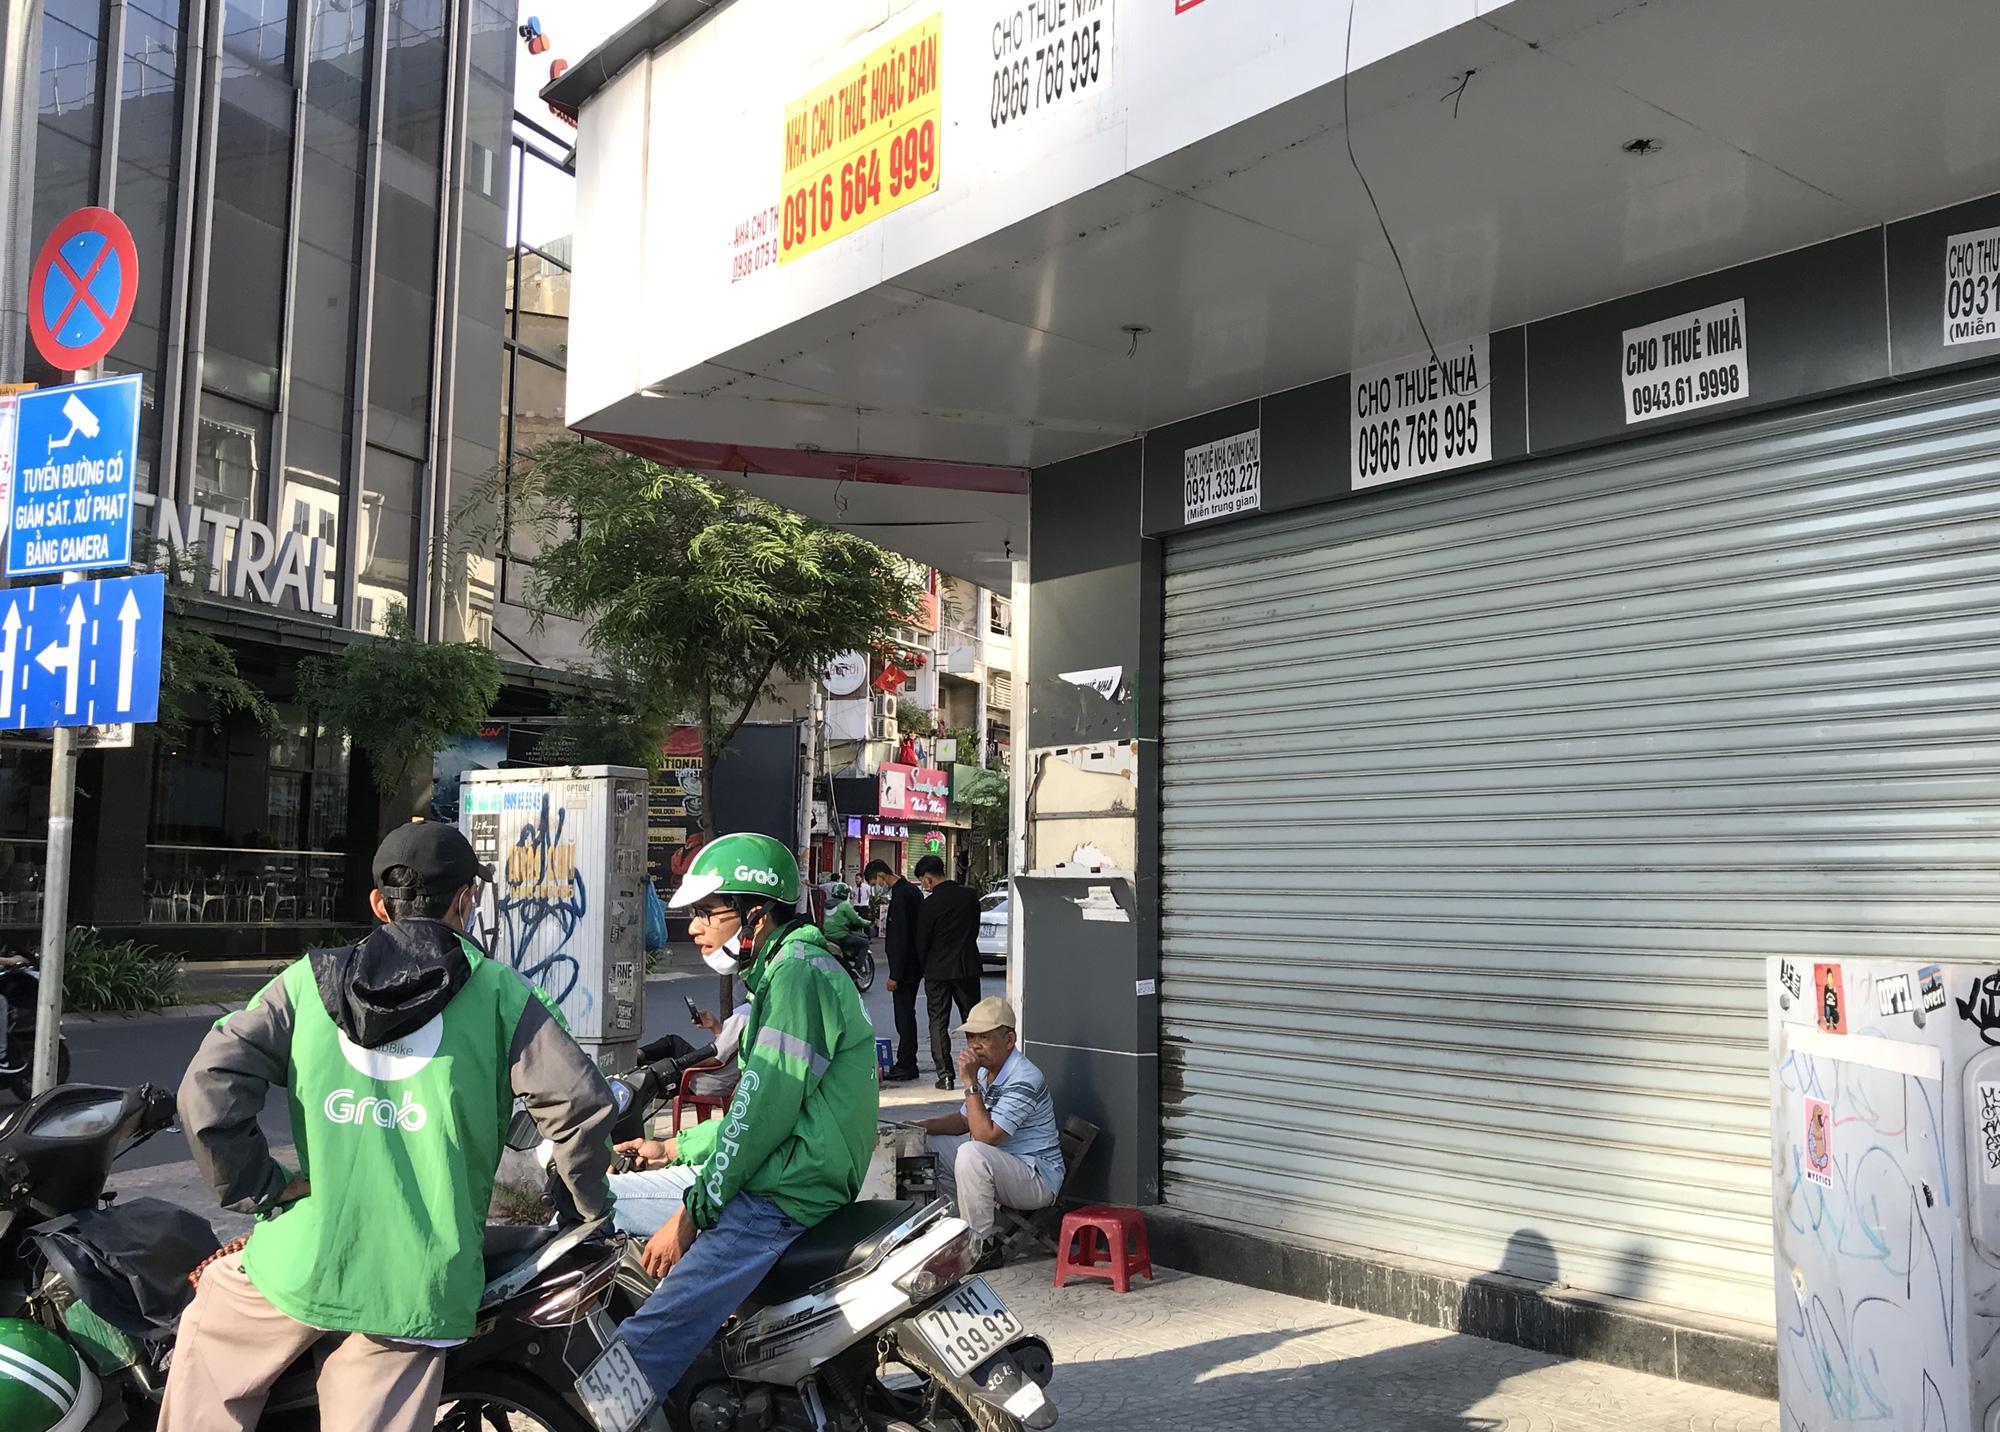 Hình ảnh loạt cửa hàng Toocha, sữa đậu nành Mr Bean của Shark Thủy, thậm chí 7-Eleven cũng đóng cửa vì Covid-19 - Ảnh 14.